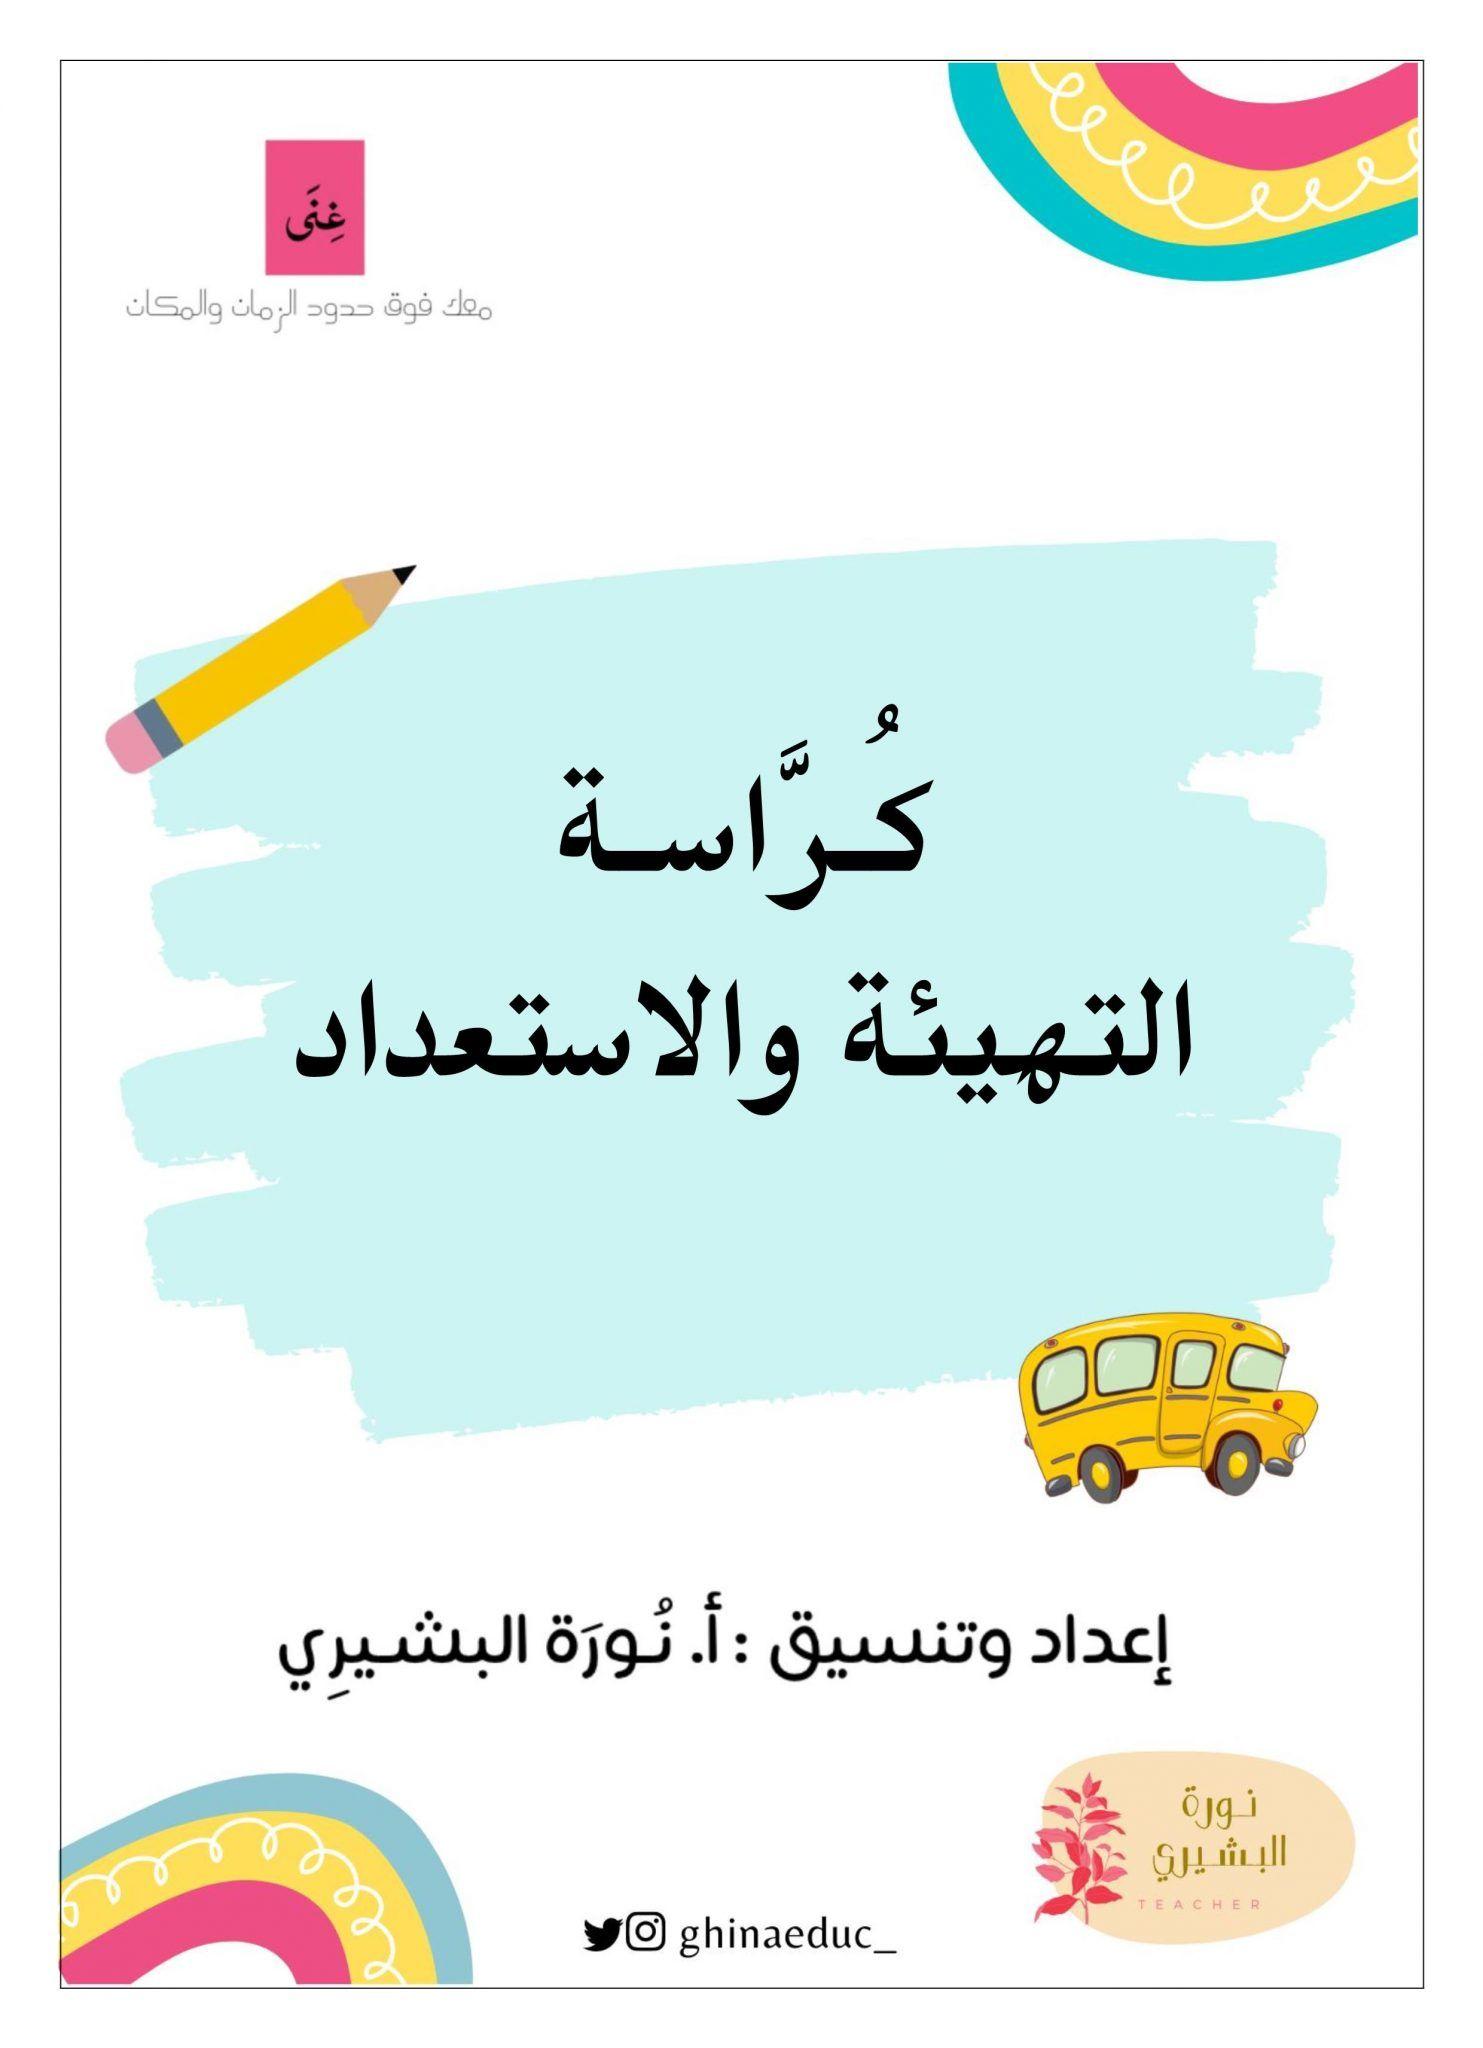 كراسة التهيئة والاستعداد مذكرة متنوعة وجميلة للاطفال Learning Arabic Arabic Kids Arabic Alphabet For Kids